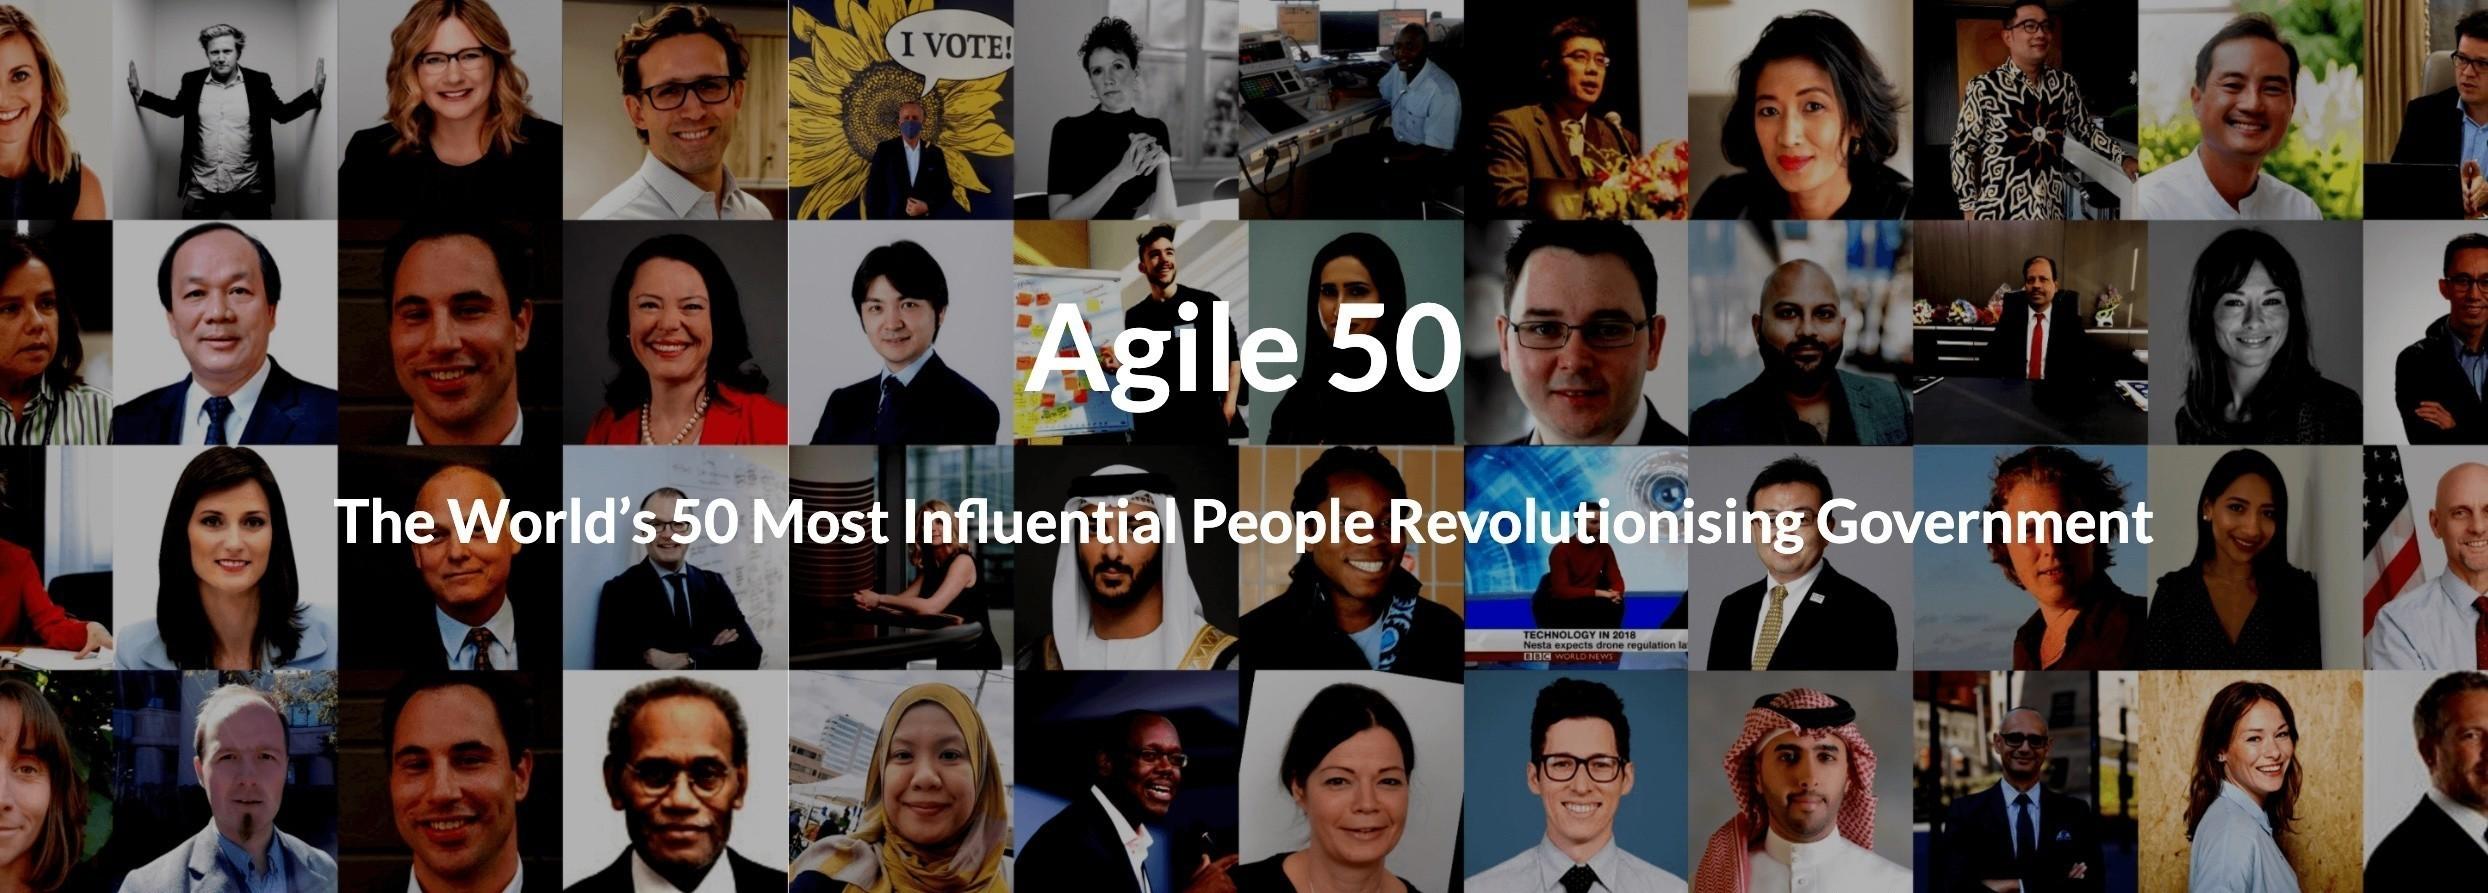 The Agile 50.